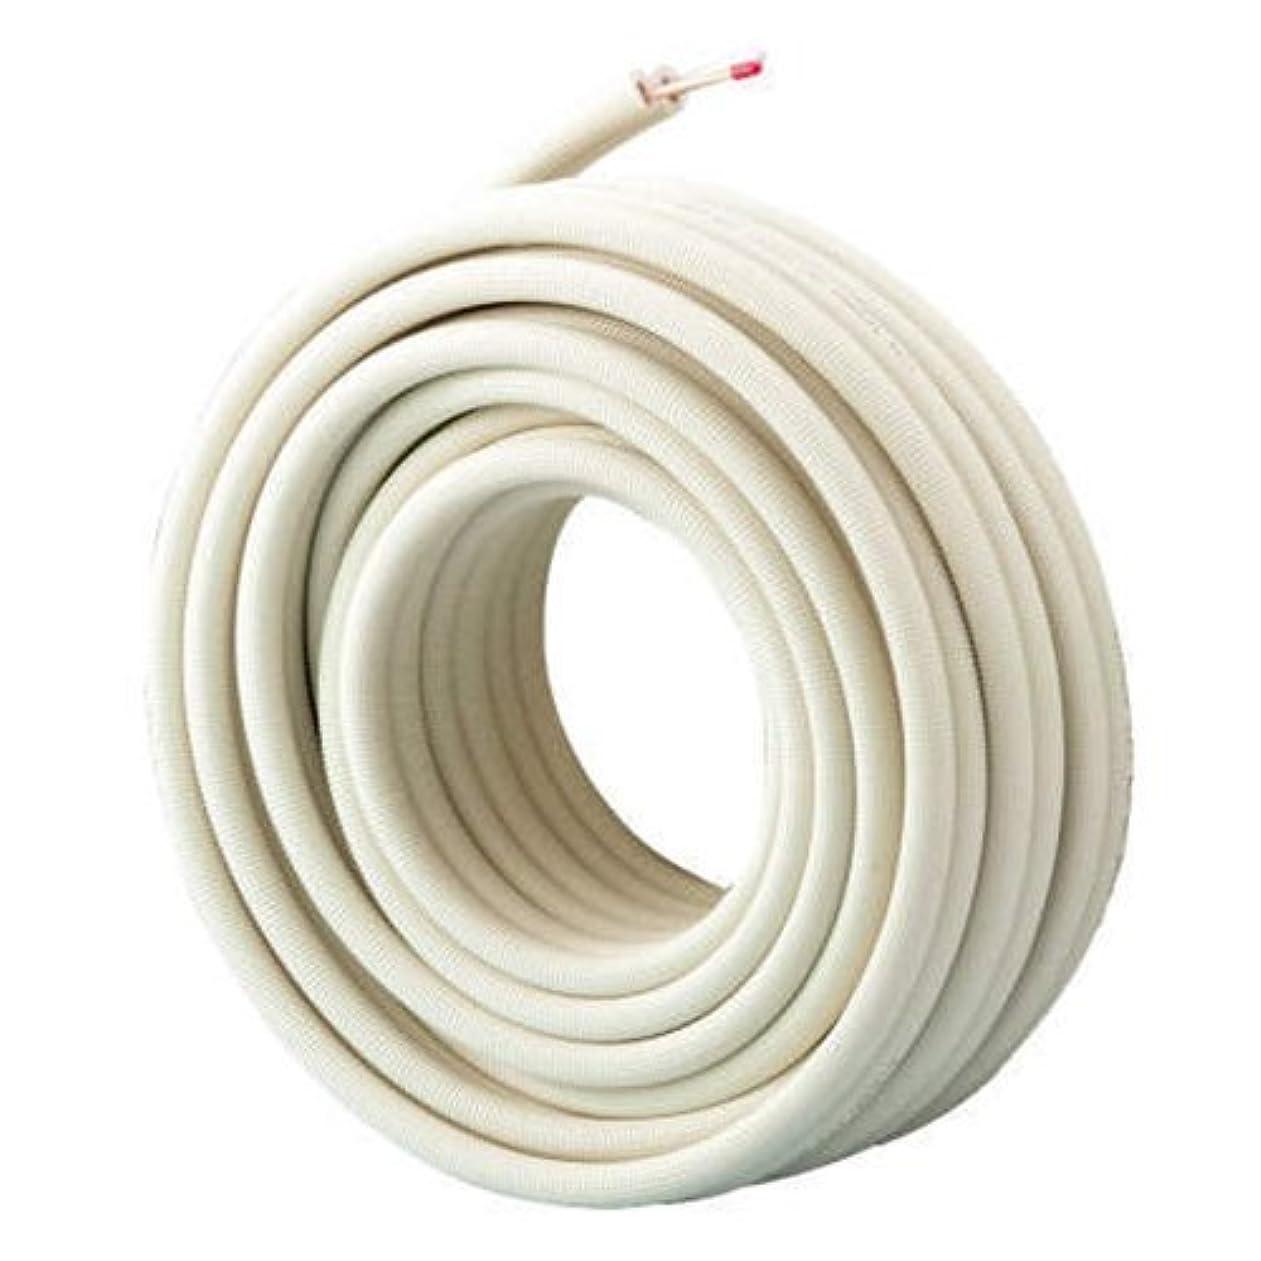 お祝い固める健康的因幡電工 エアコン配管用被覆銅管 ペアコイル 2分3分 20m HPC-2320